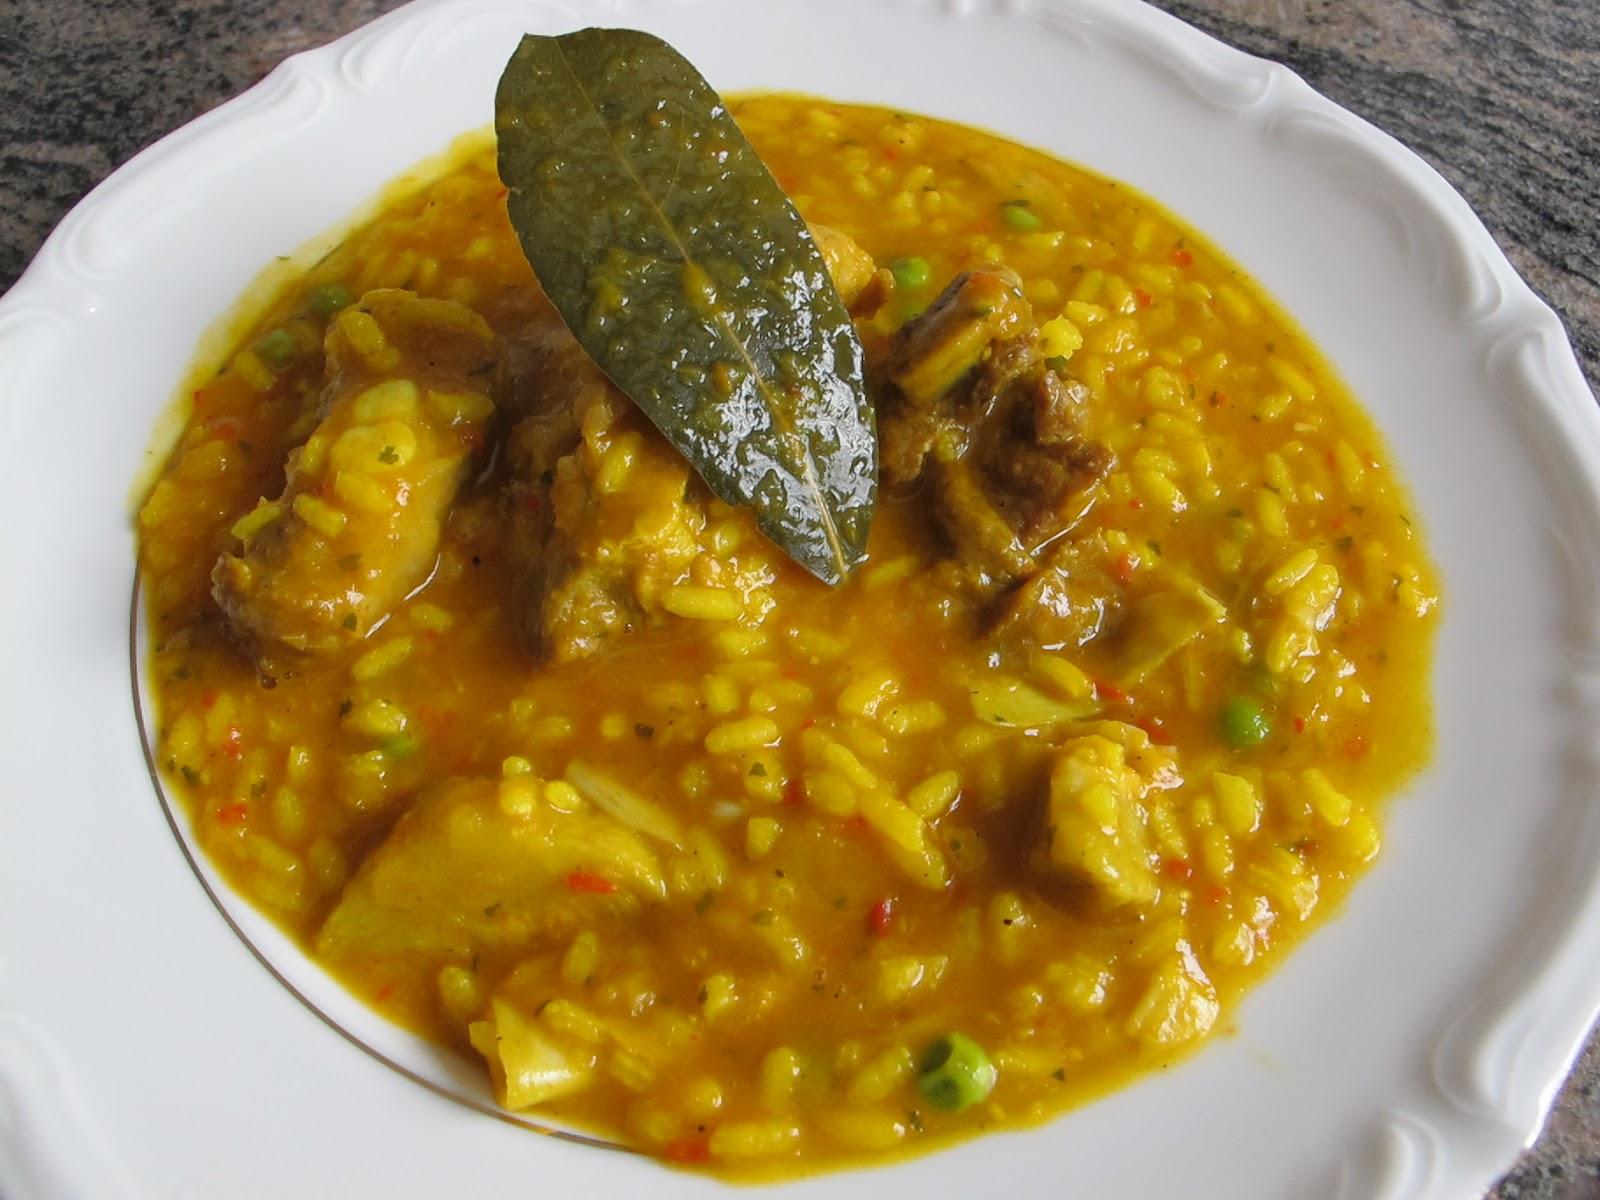 Raquelina dulce y fina arroz con costilla receta en - Arroz caldoso con costillas y alcachofas ...